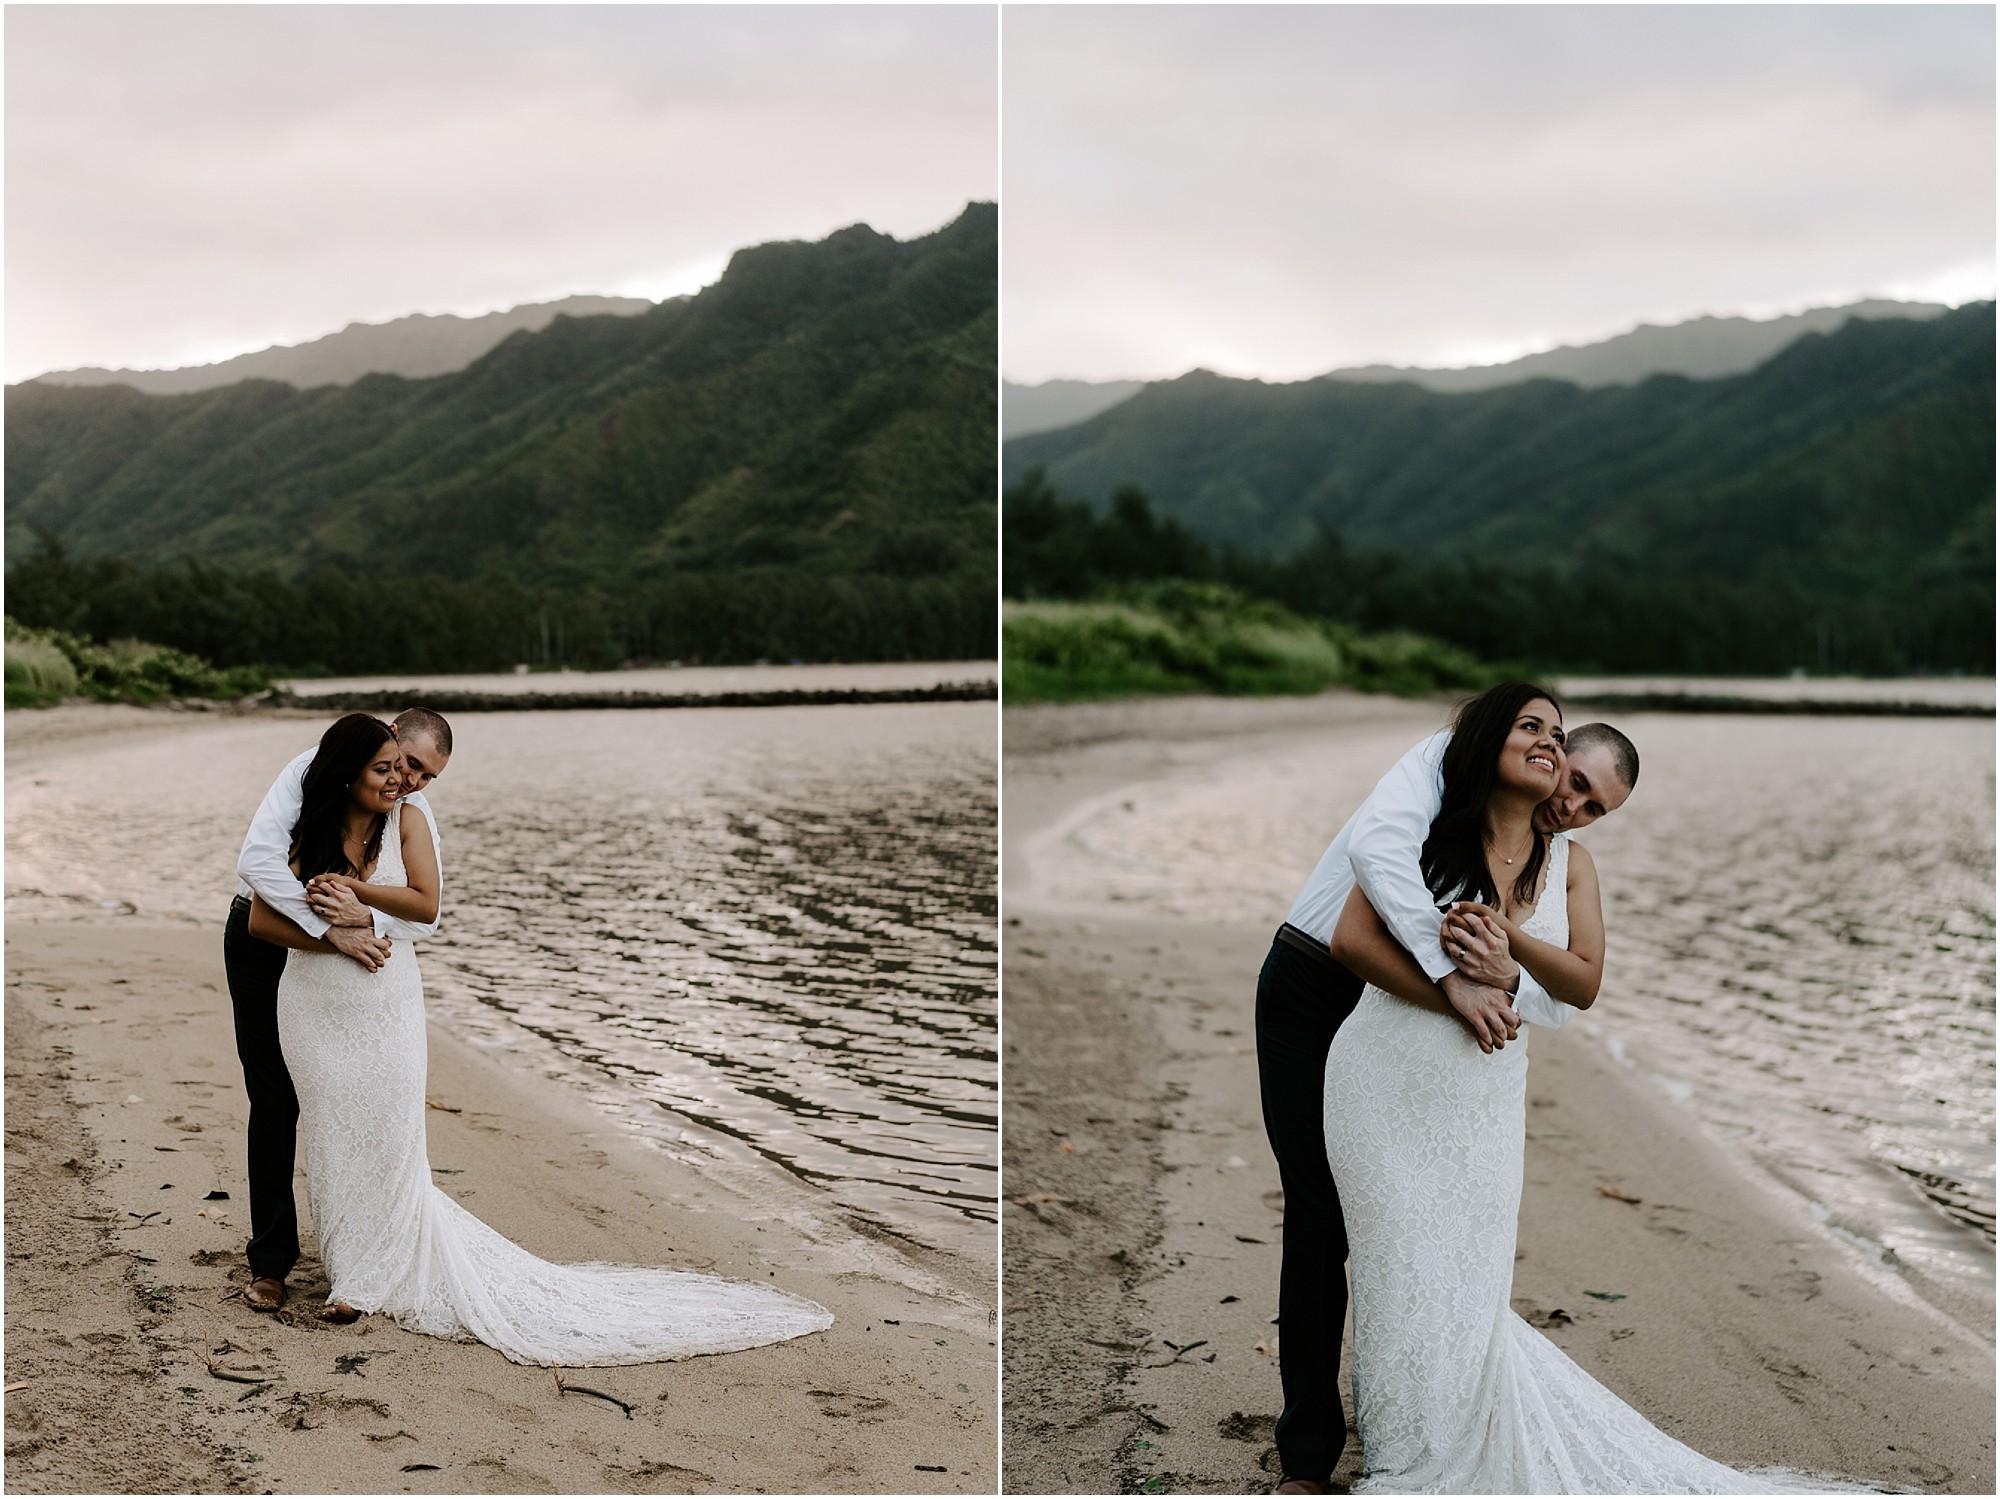 oahu-intimate-bridal-adventure-session_0023.jpg